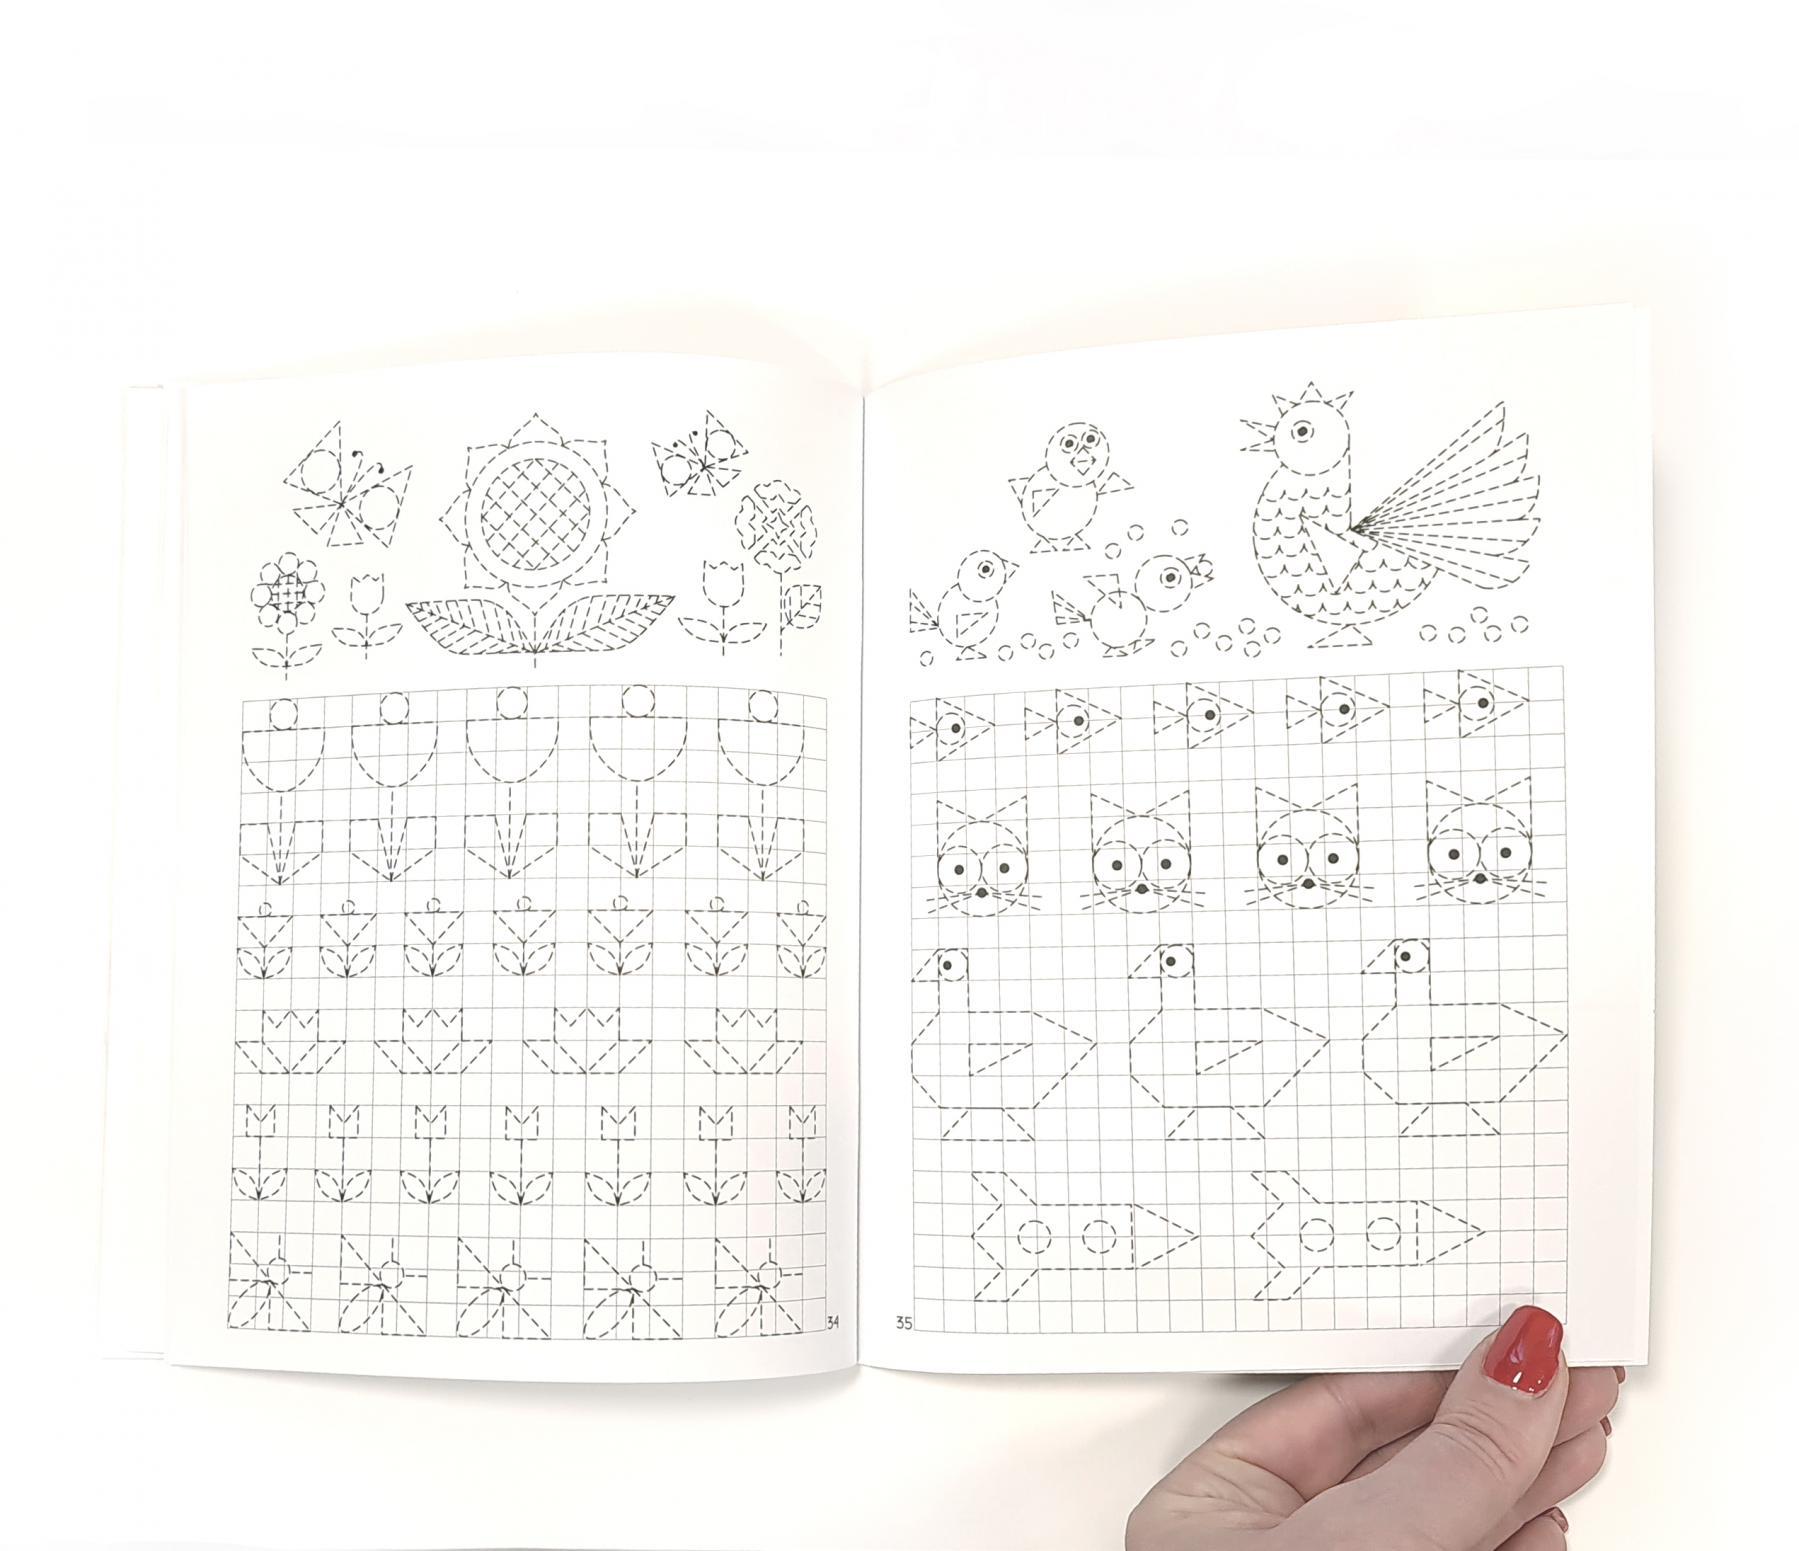 Šviesiuko pirmoji pamoka. Geometriniai elementai | Laura Buzienė